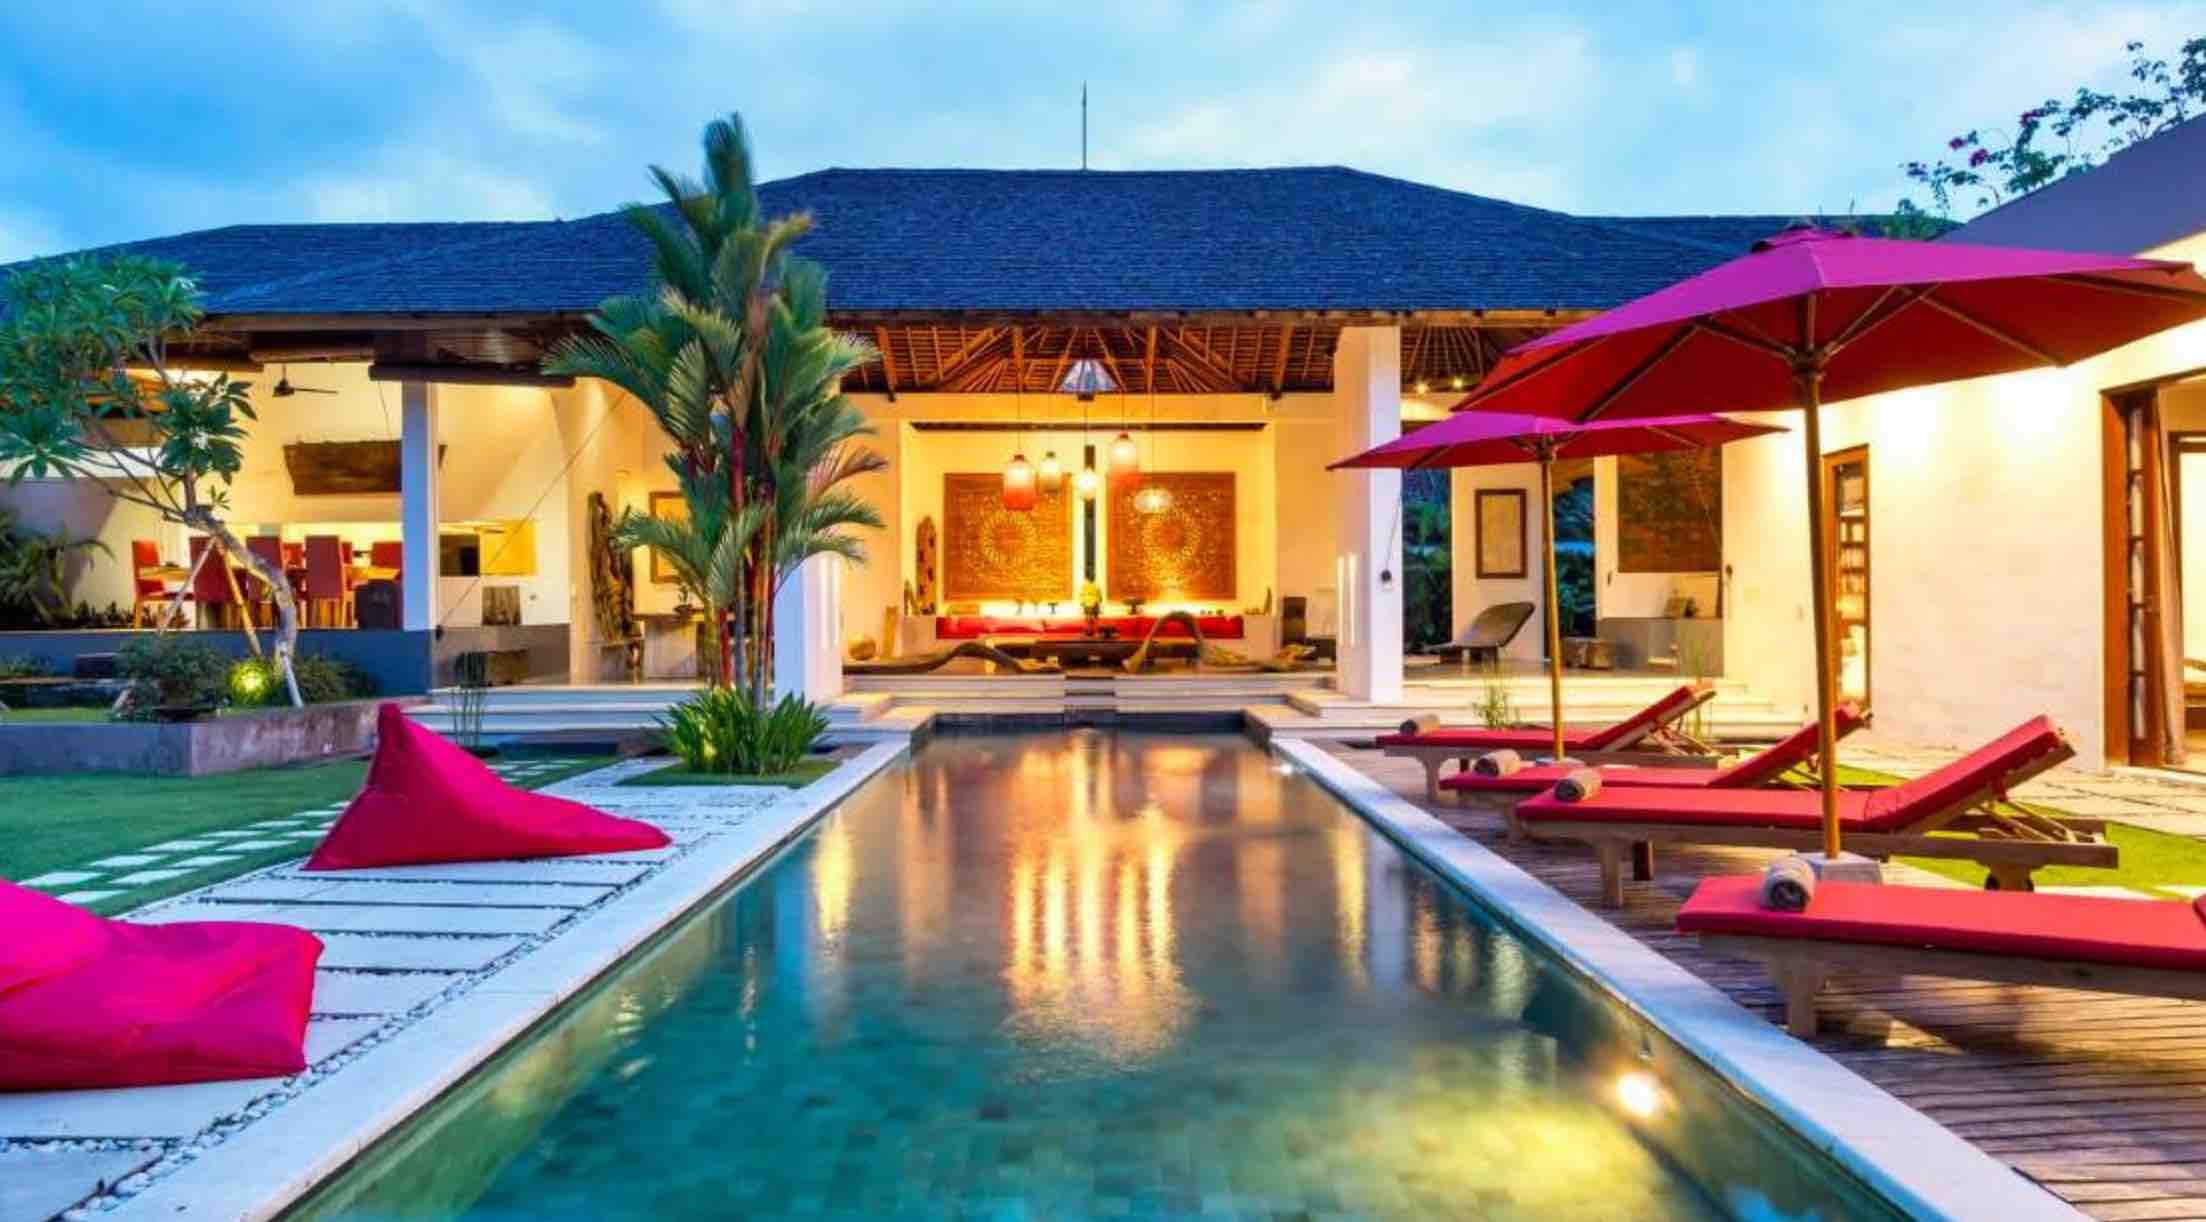 villa arte where to stay in bali